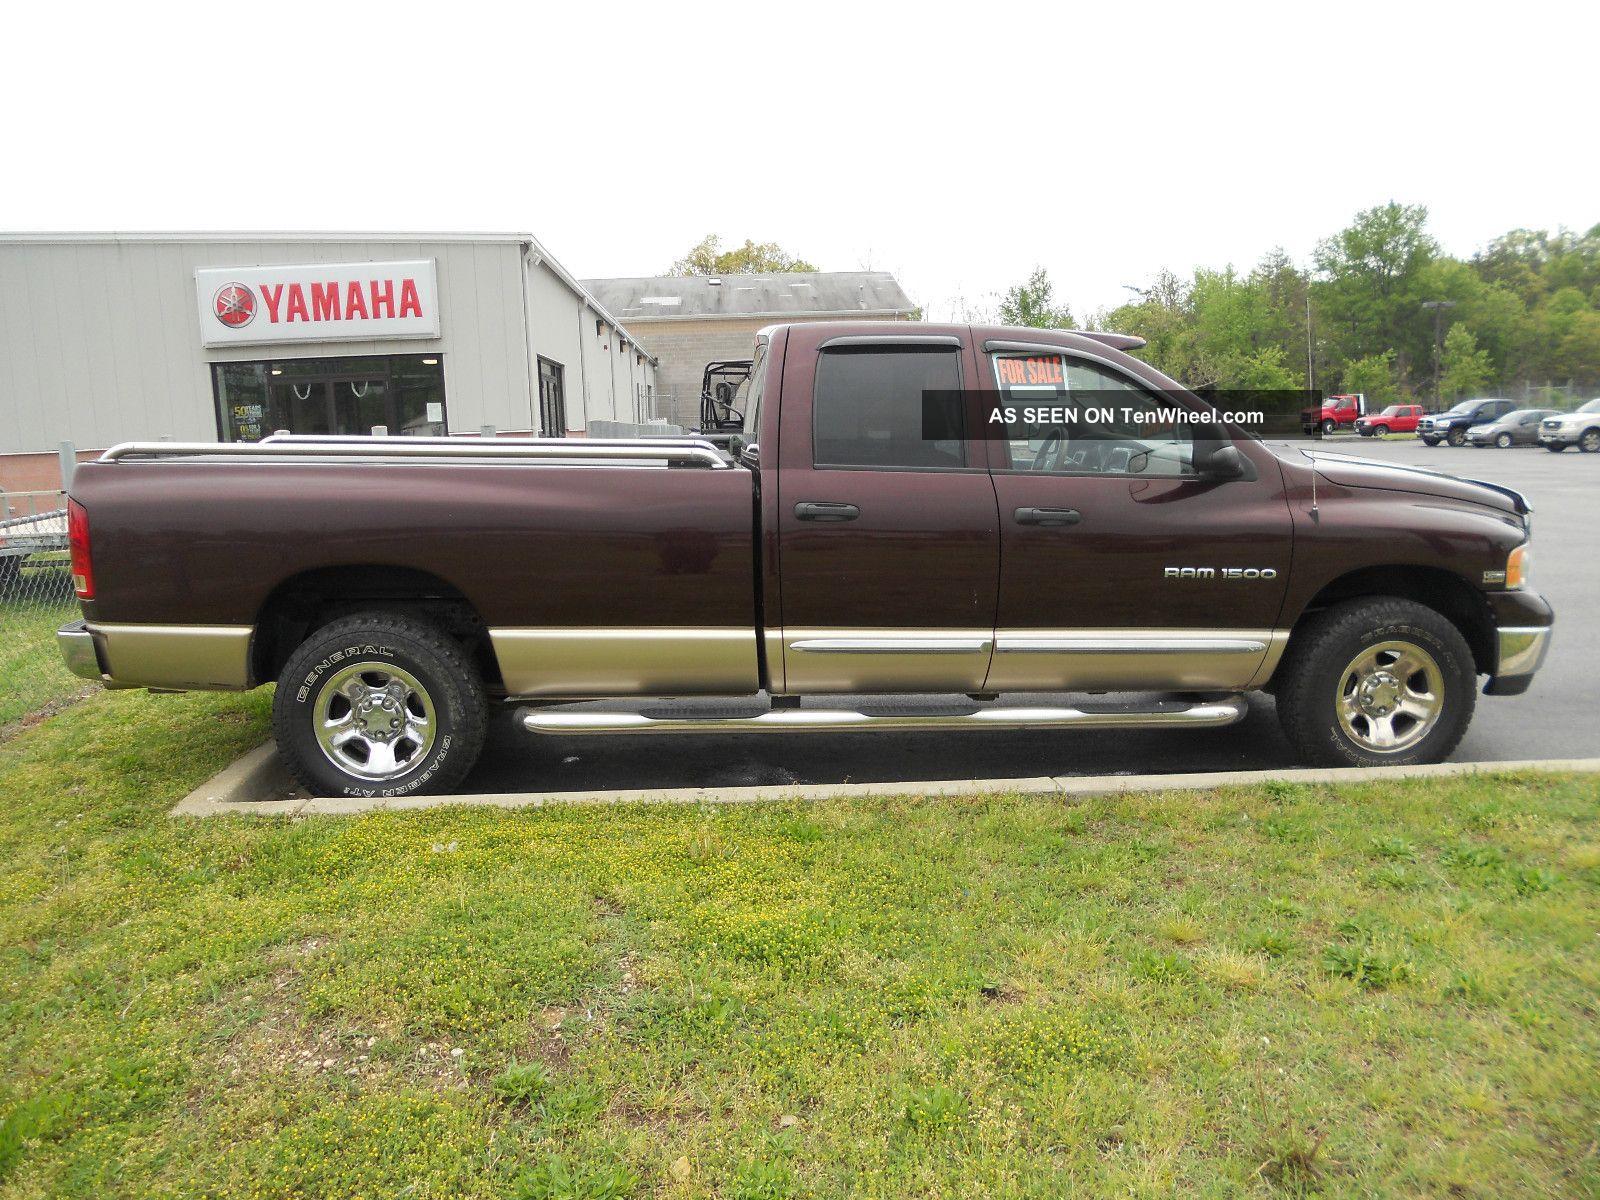 2004 Dodge Ram 1500 Laramie 4x4 4 Door 8 Bed